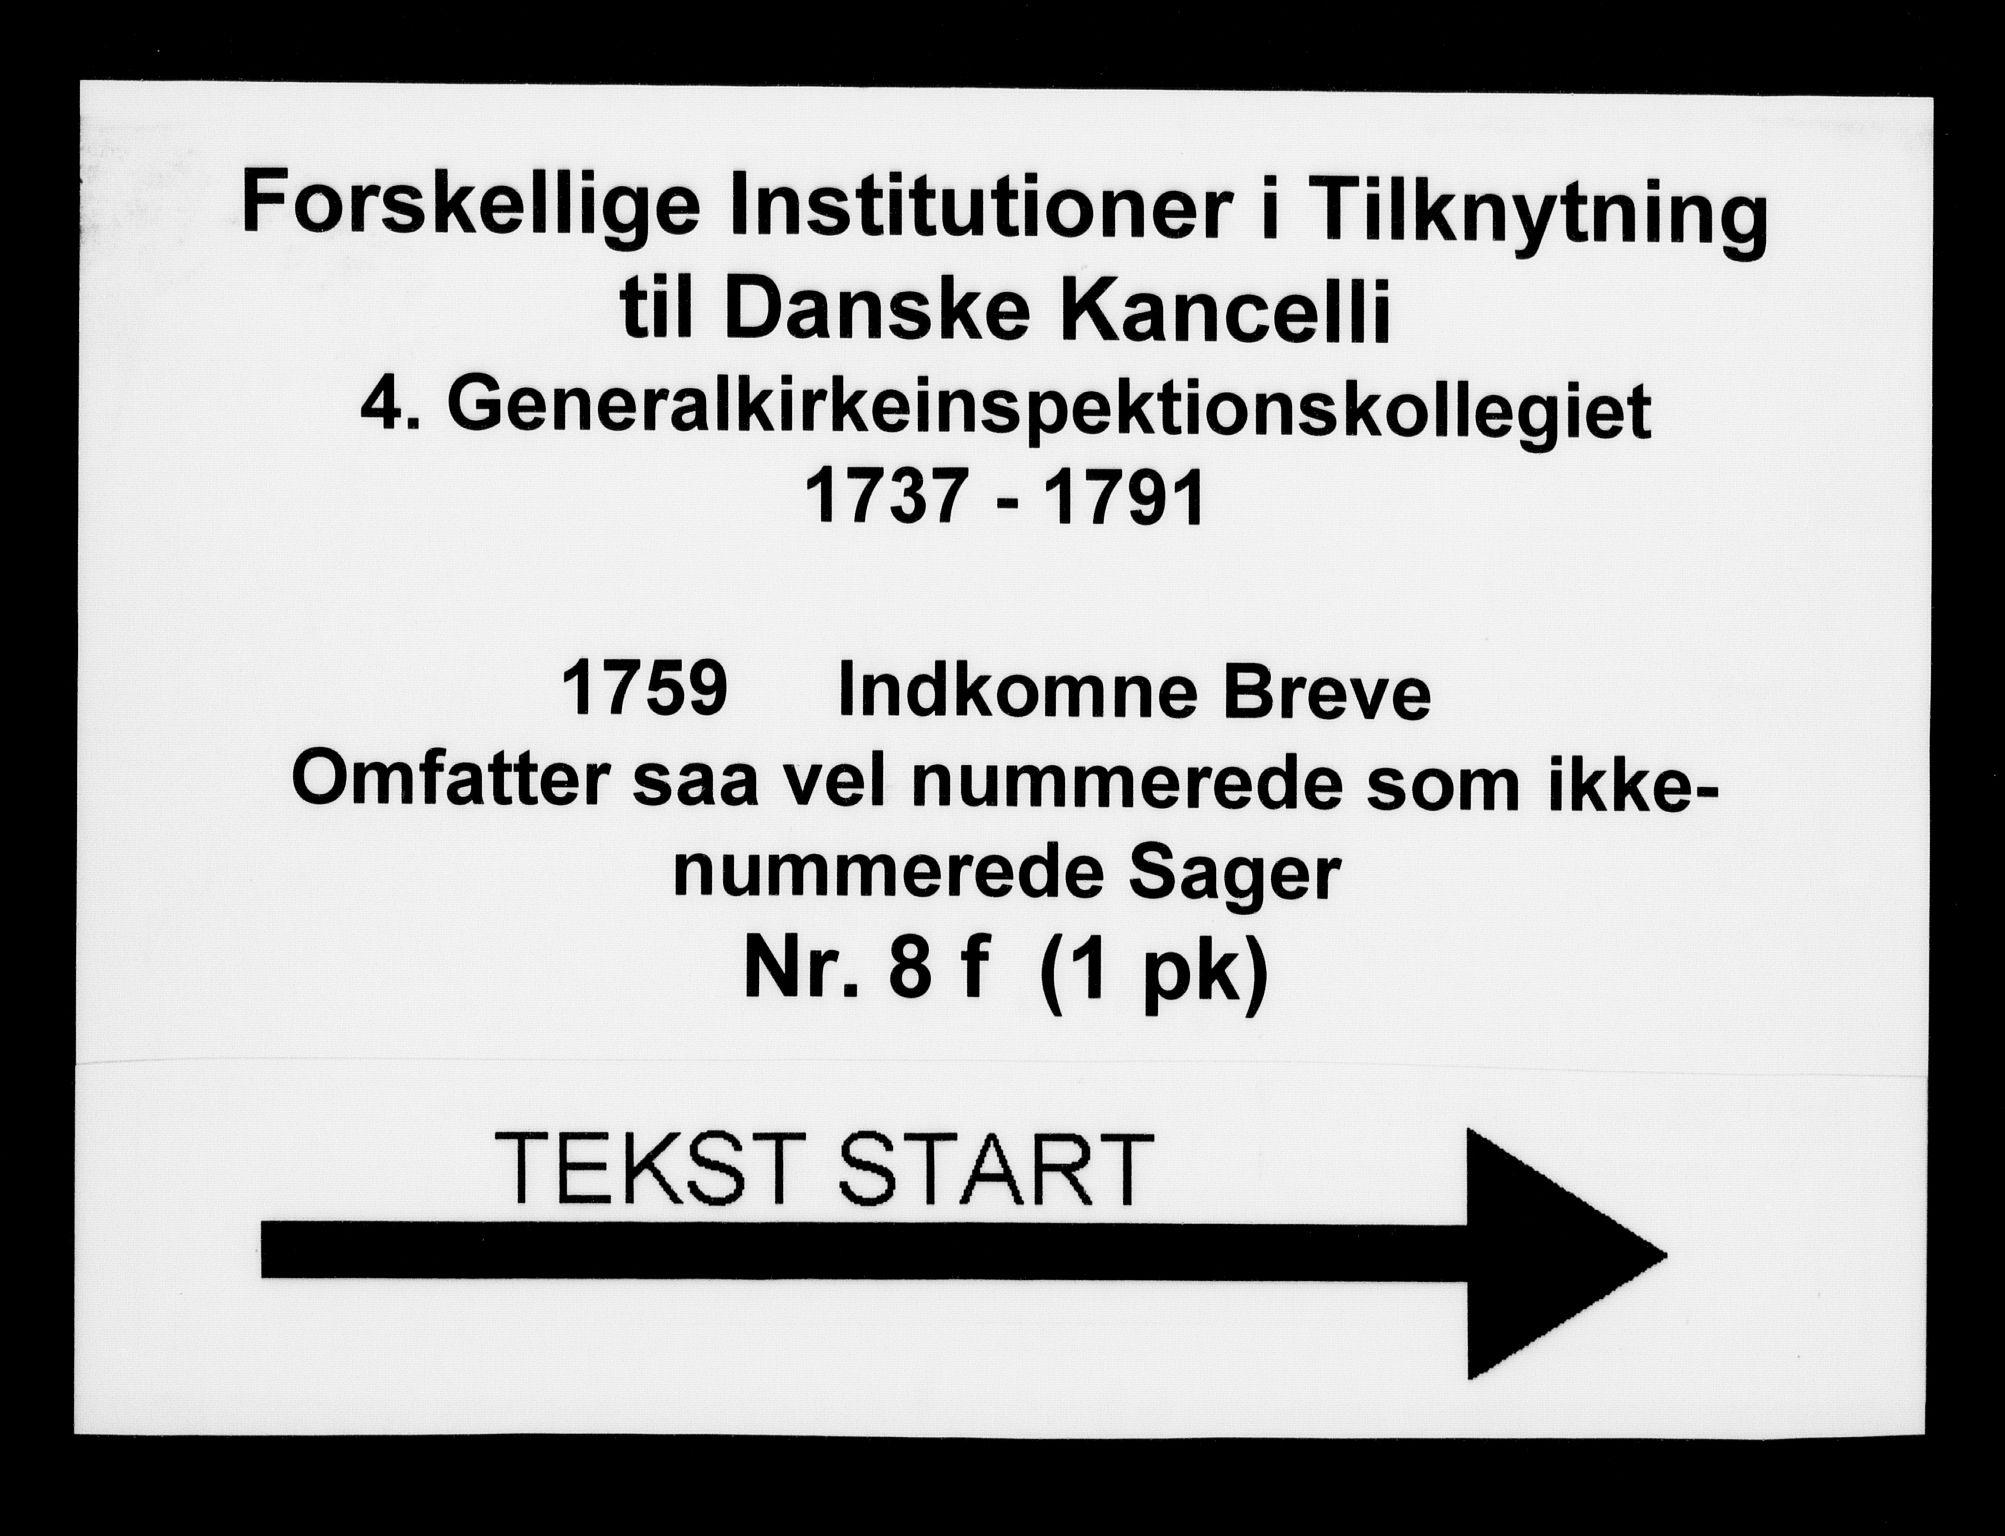 DRA, Generalkirkeinspektionskollegiet, F4-08/F4-08-06: Indkomne sager, 1759